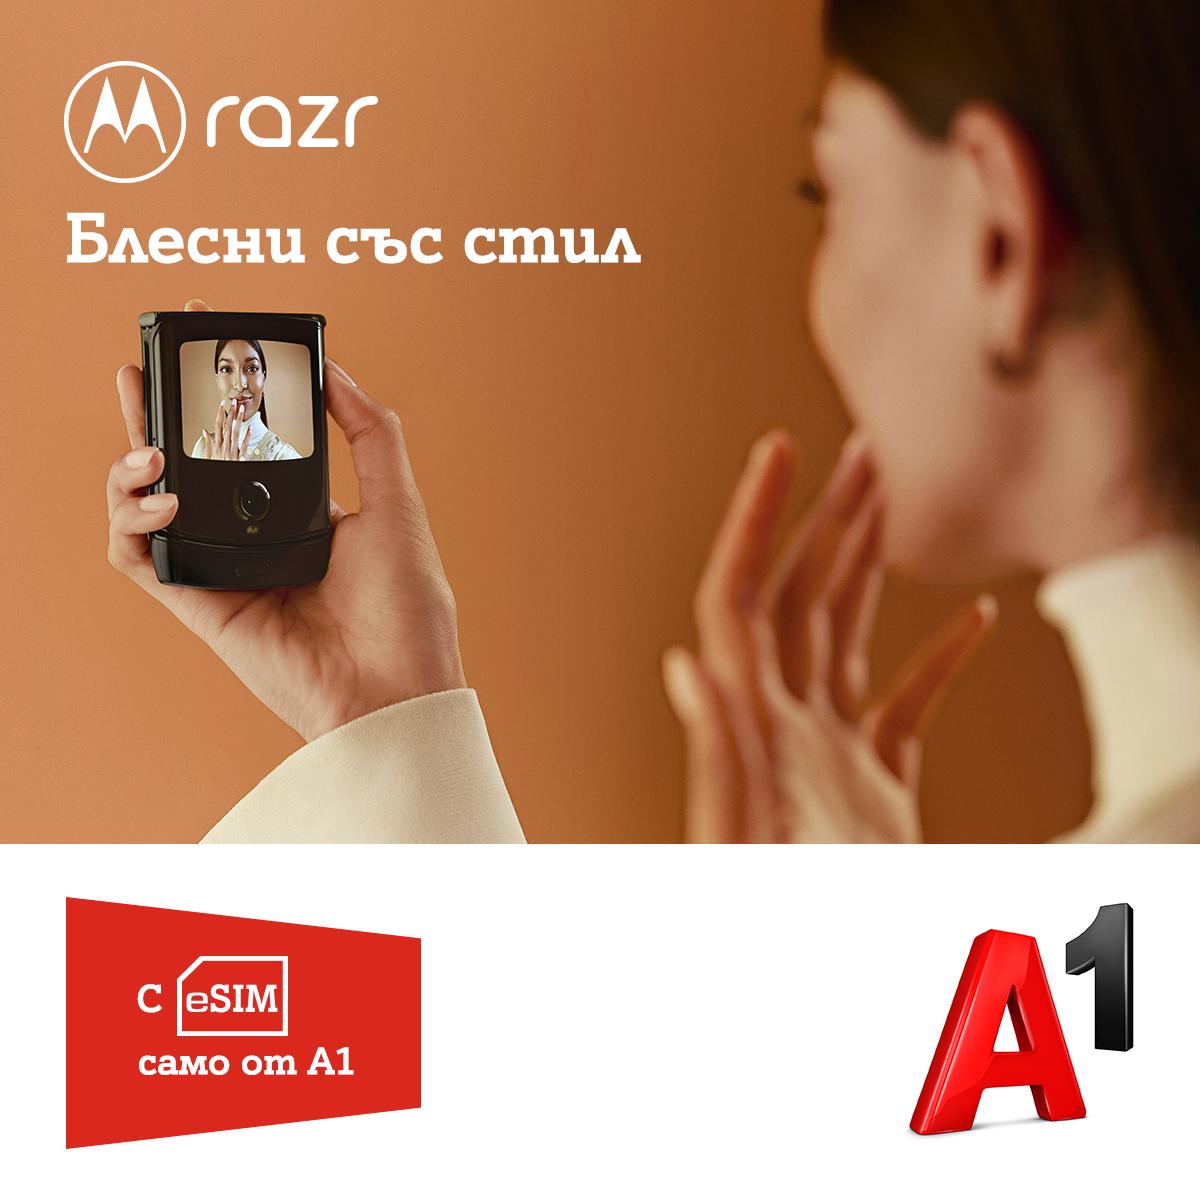 А1 ще предлага революционния Motorola razr - първият смартфон със сгъваем дисплей и eSIM на пазара